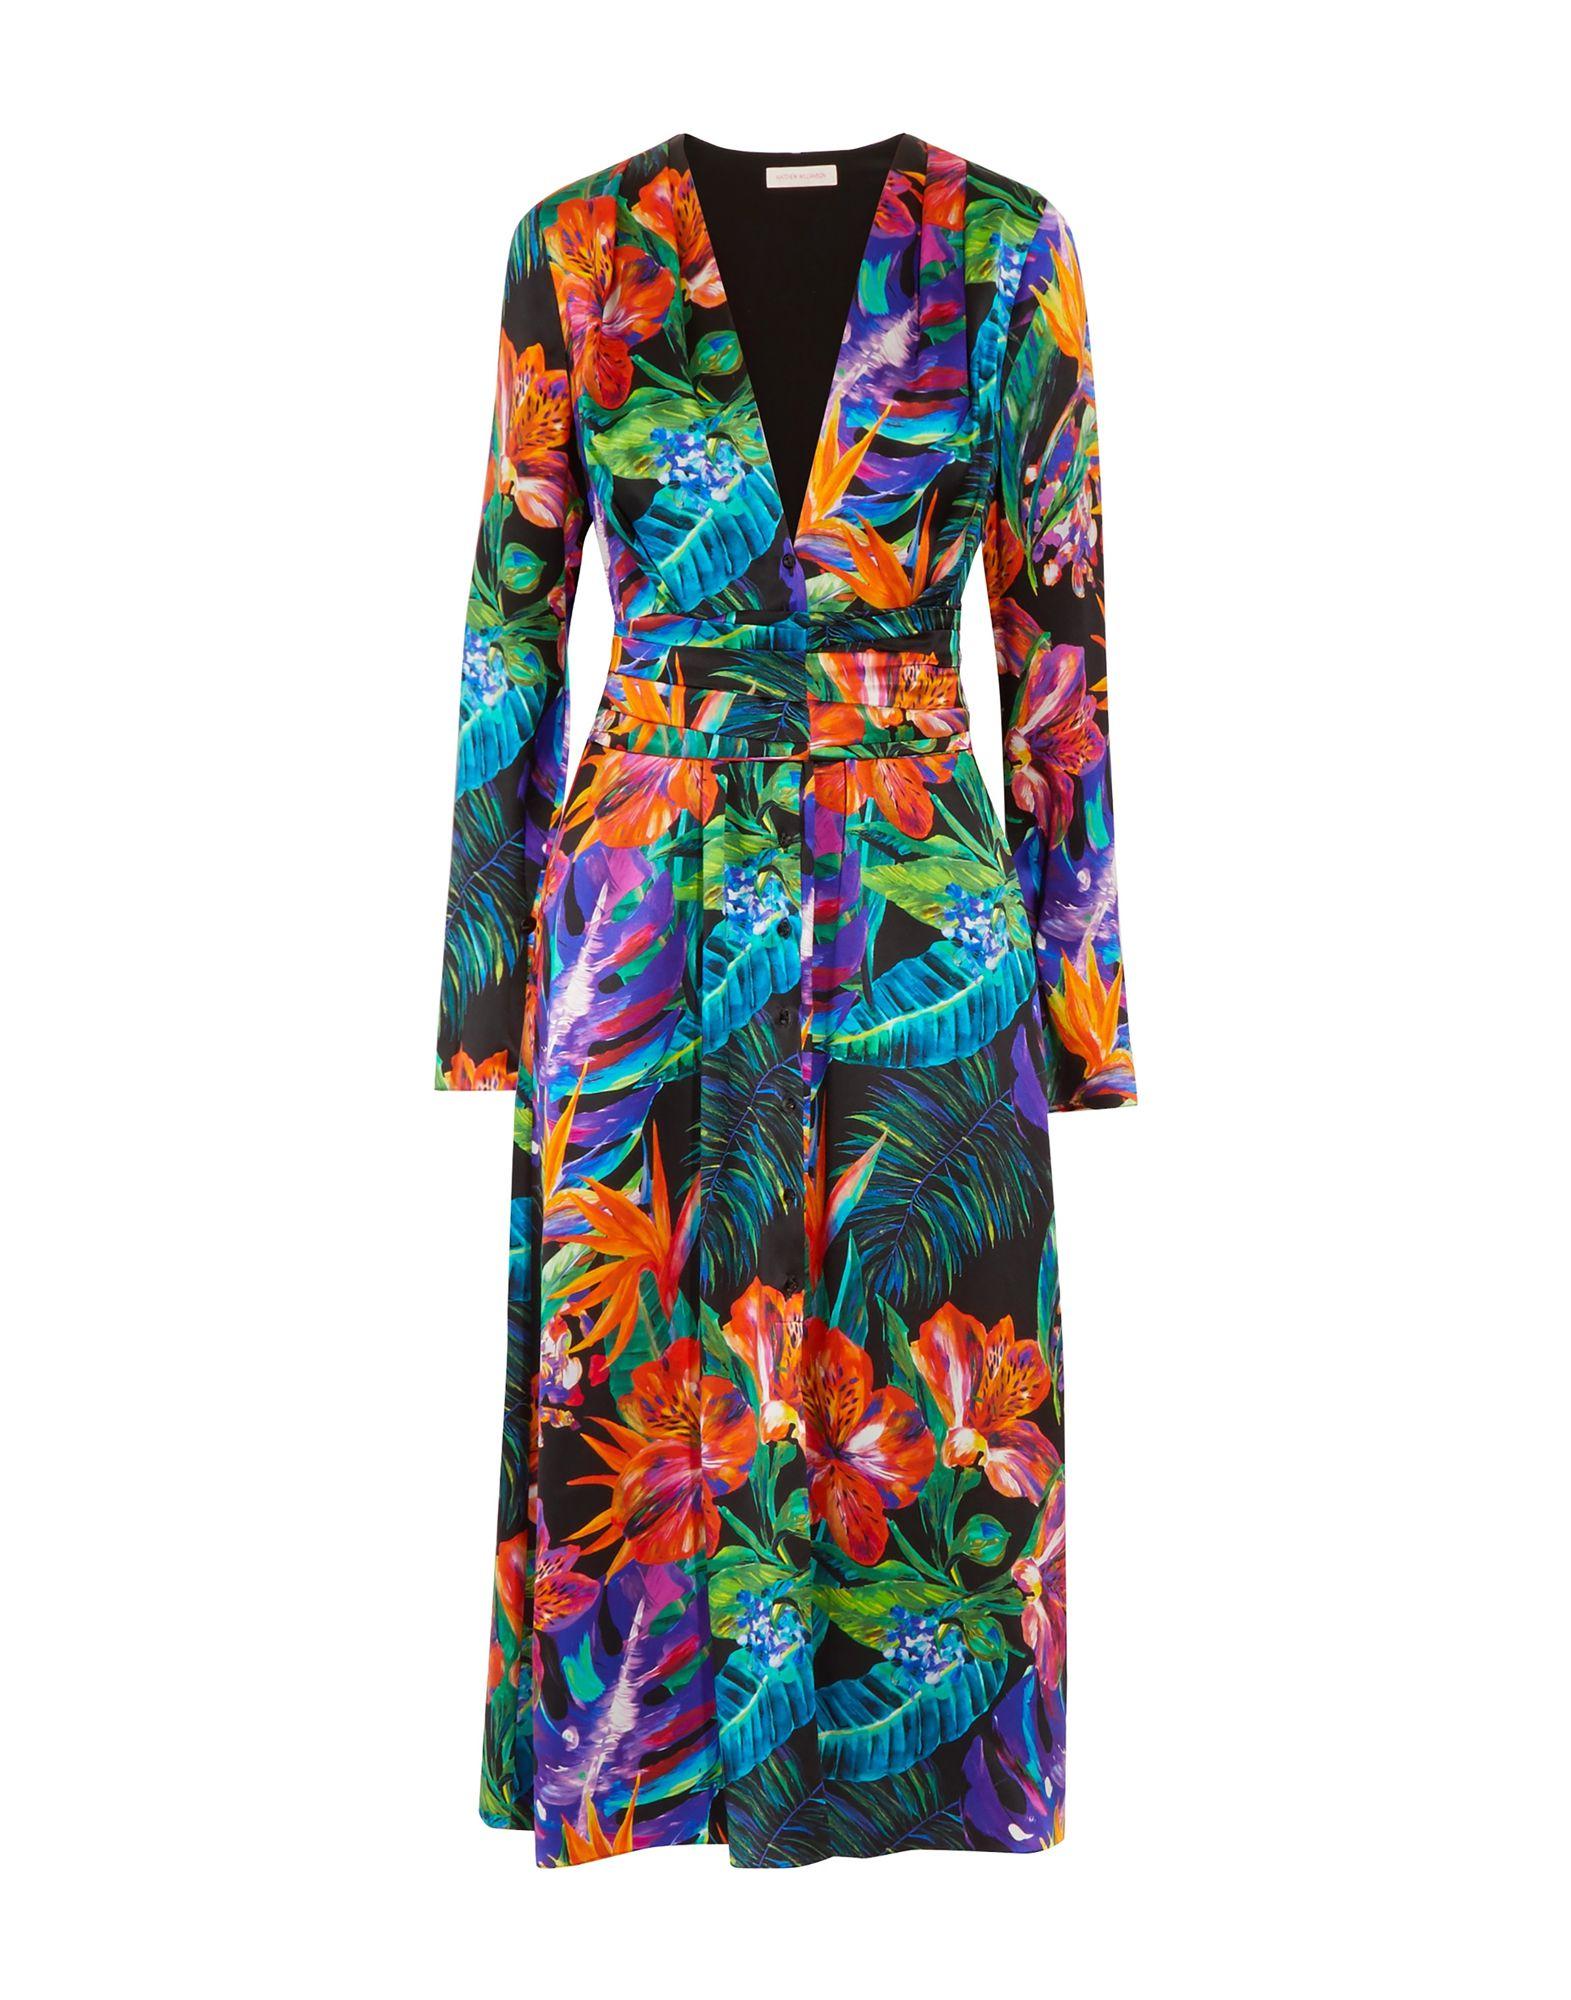 MATTHEW WILLIAMSON Платье длиной 3/4 длинное платье с принтом matthew williamson длинное платье с принтом